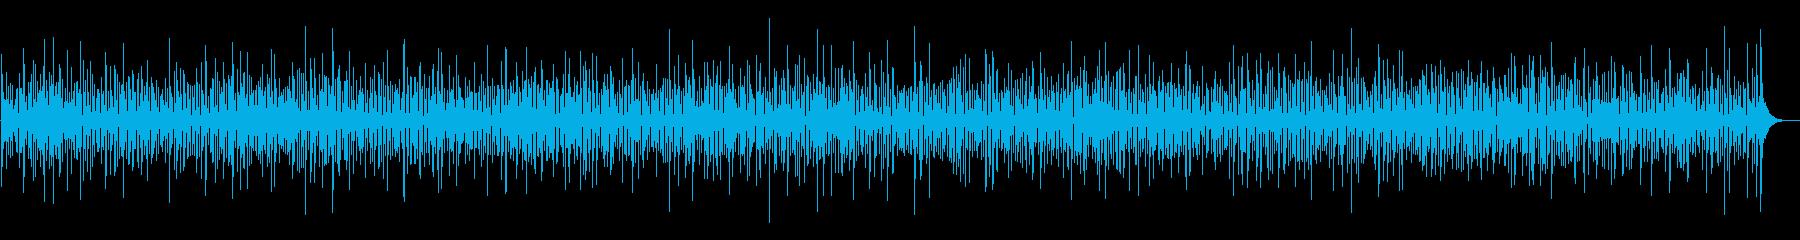 軽快で明るいヨーロッパ風アコーディオンの再生済みの波形